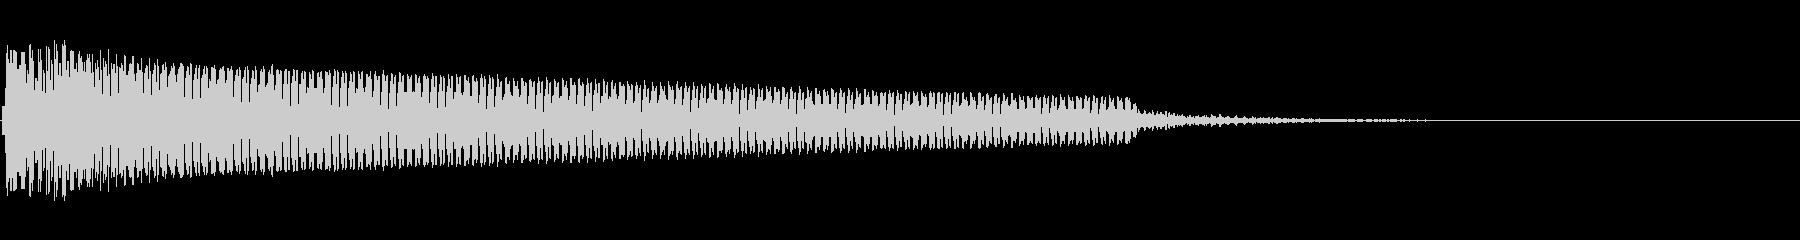 空気が張り詰めるの未再生の波形